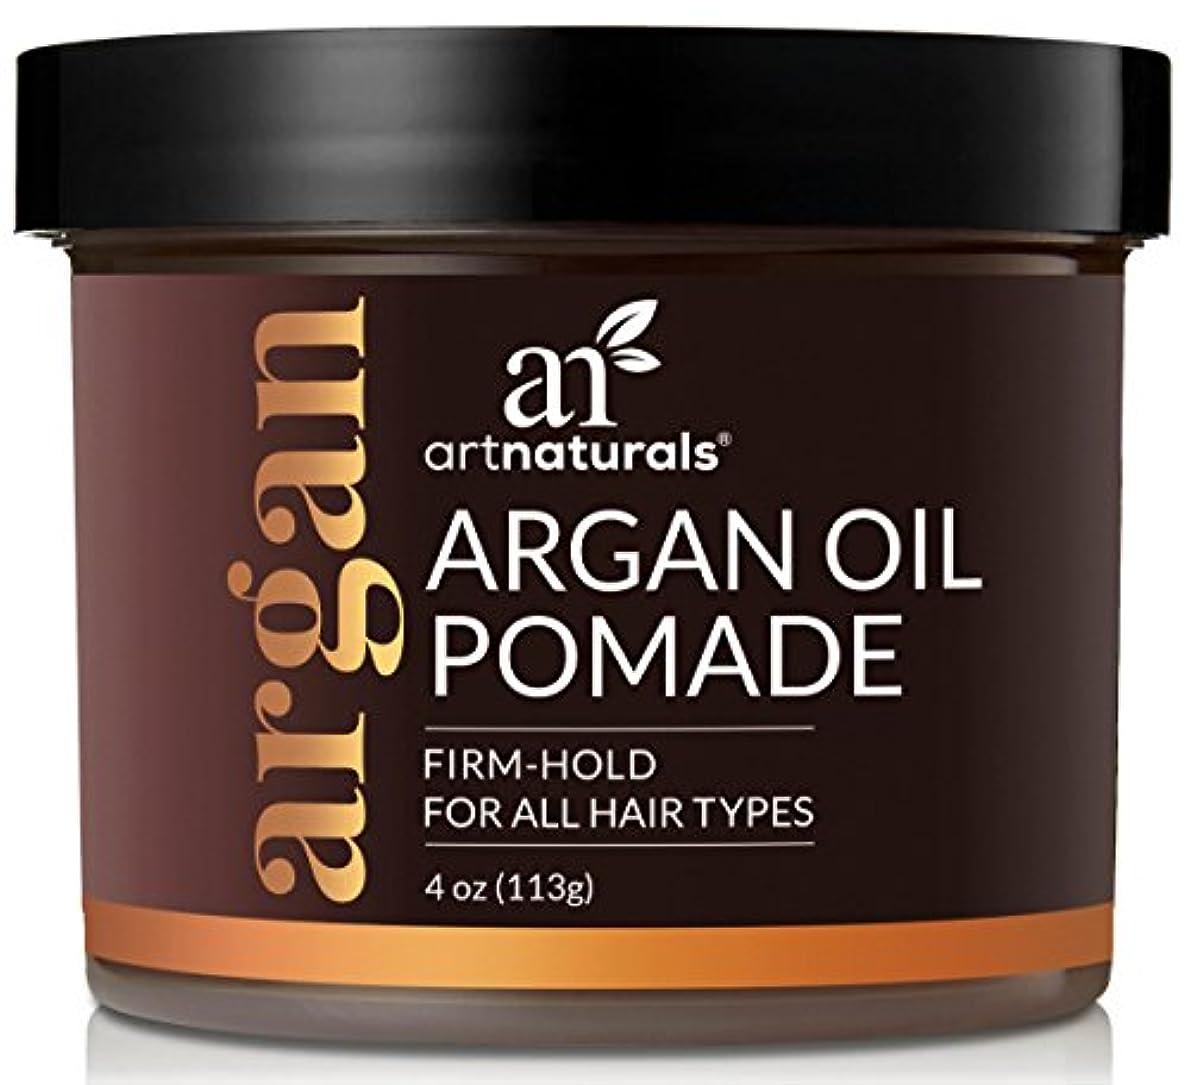 物理的に論文確かにArtNaturals Professional Argan Oil Pomade - (4 Oz / 113g) - Strong Hold for All Hair Types – Natural Hair Styling...